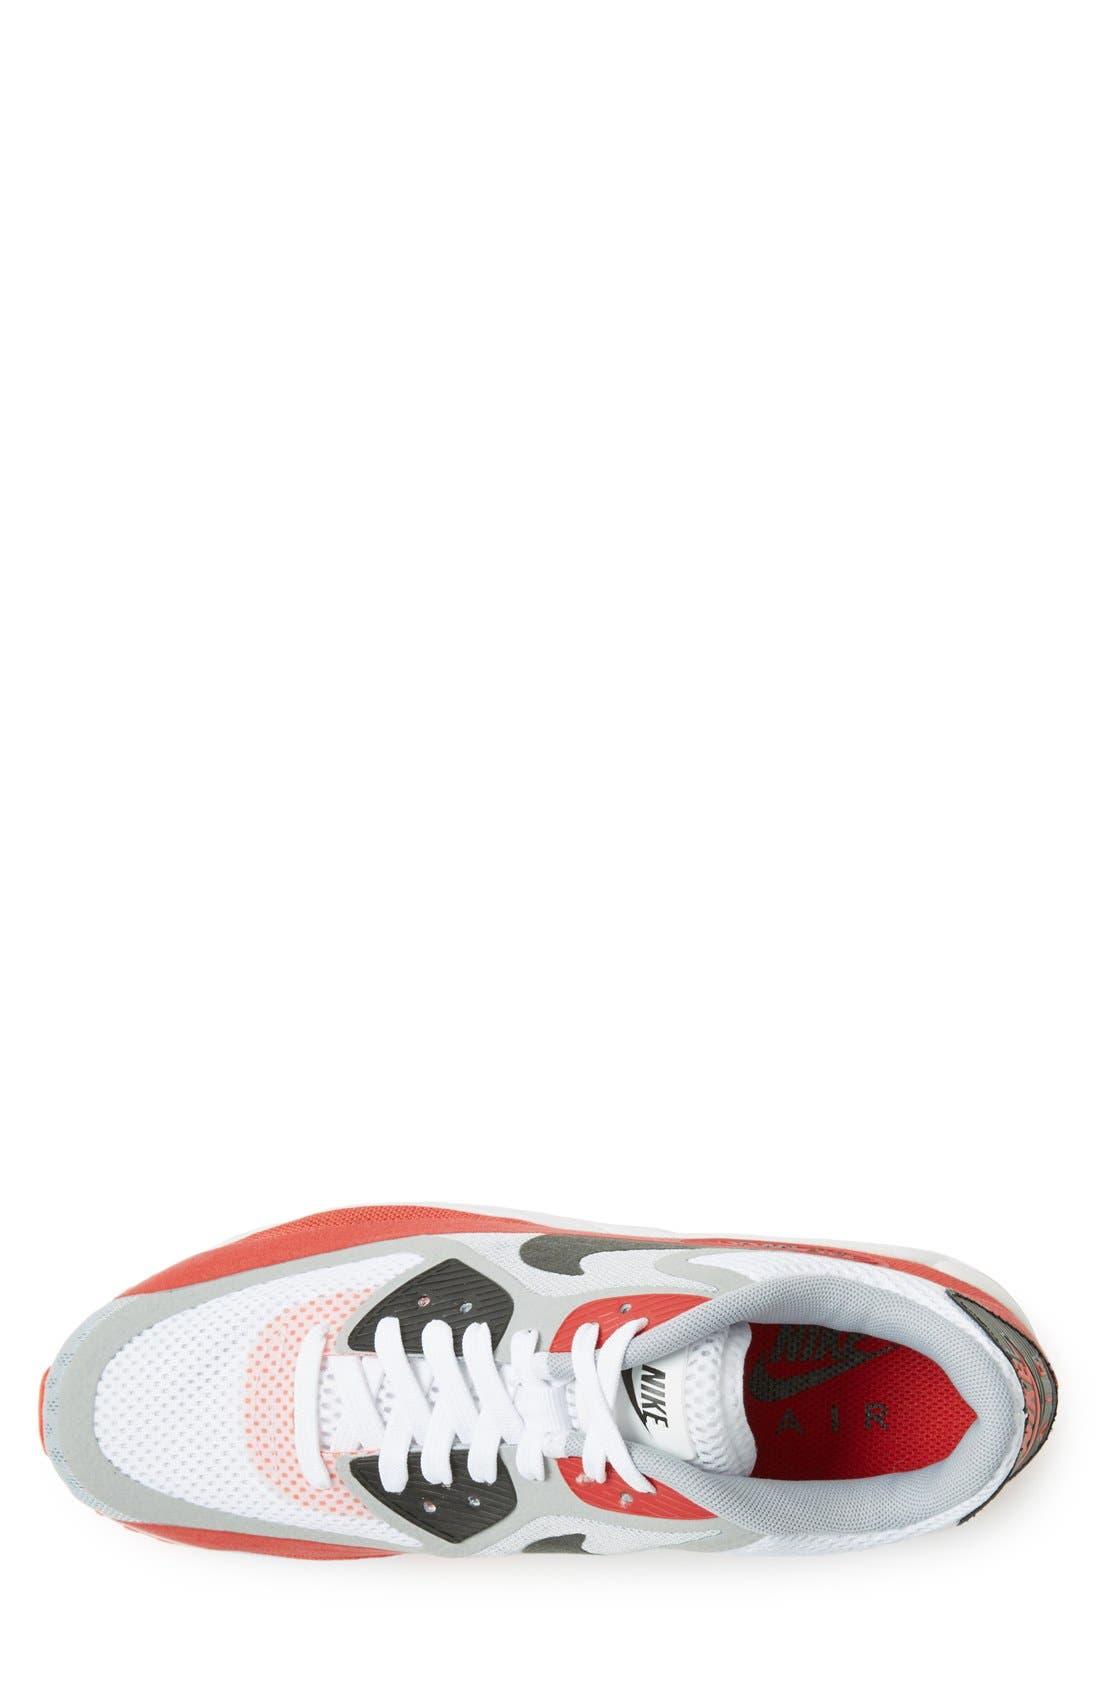 Alternate Image 3  - Nike 'Air Max 90 Breeze' Sneaker (Men)